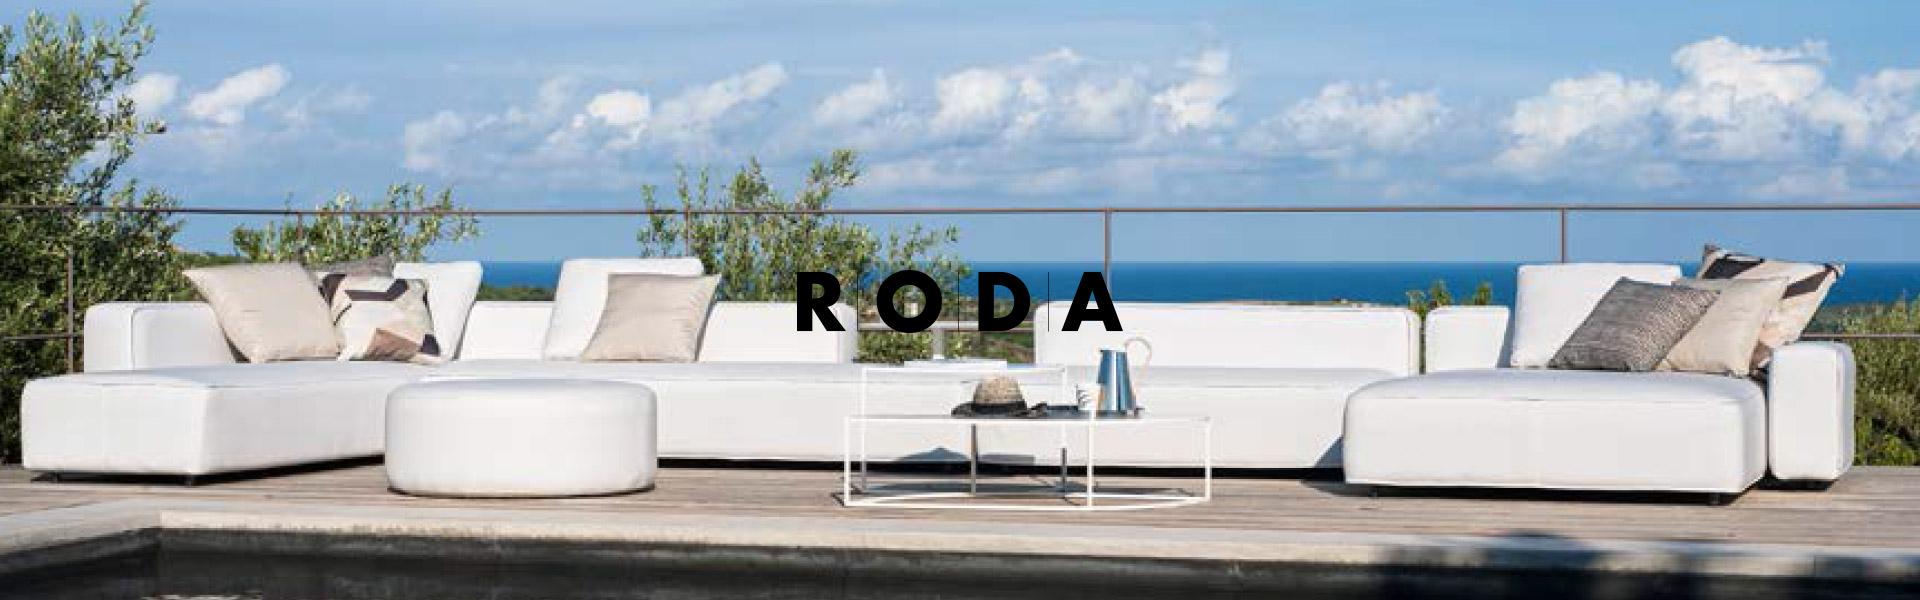 slide-brand-roda_01